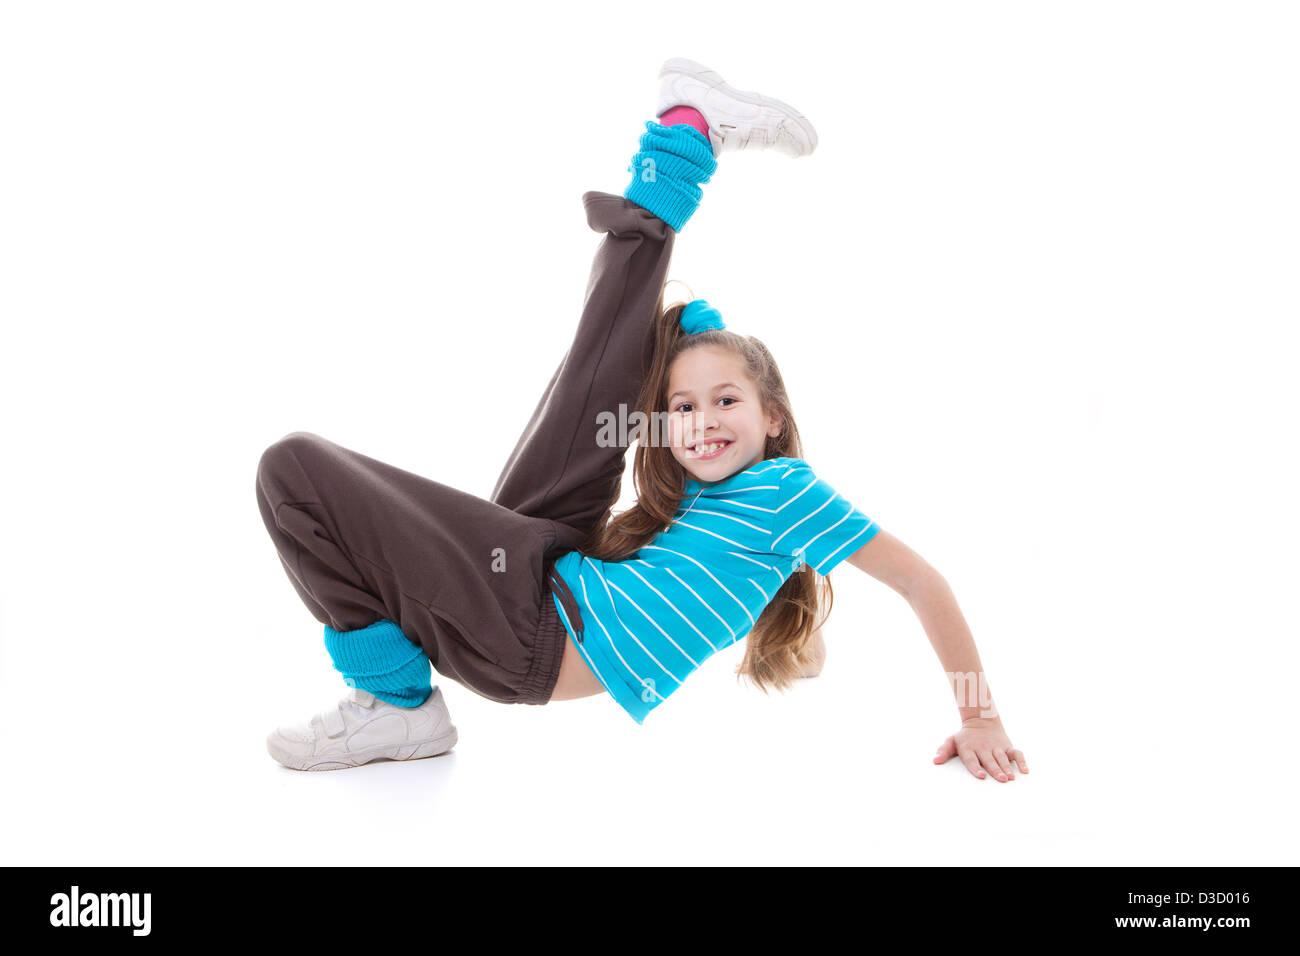 child dancer doing dance exercising - Stock Image